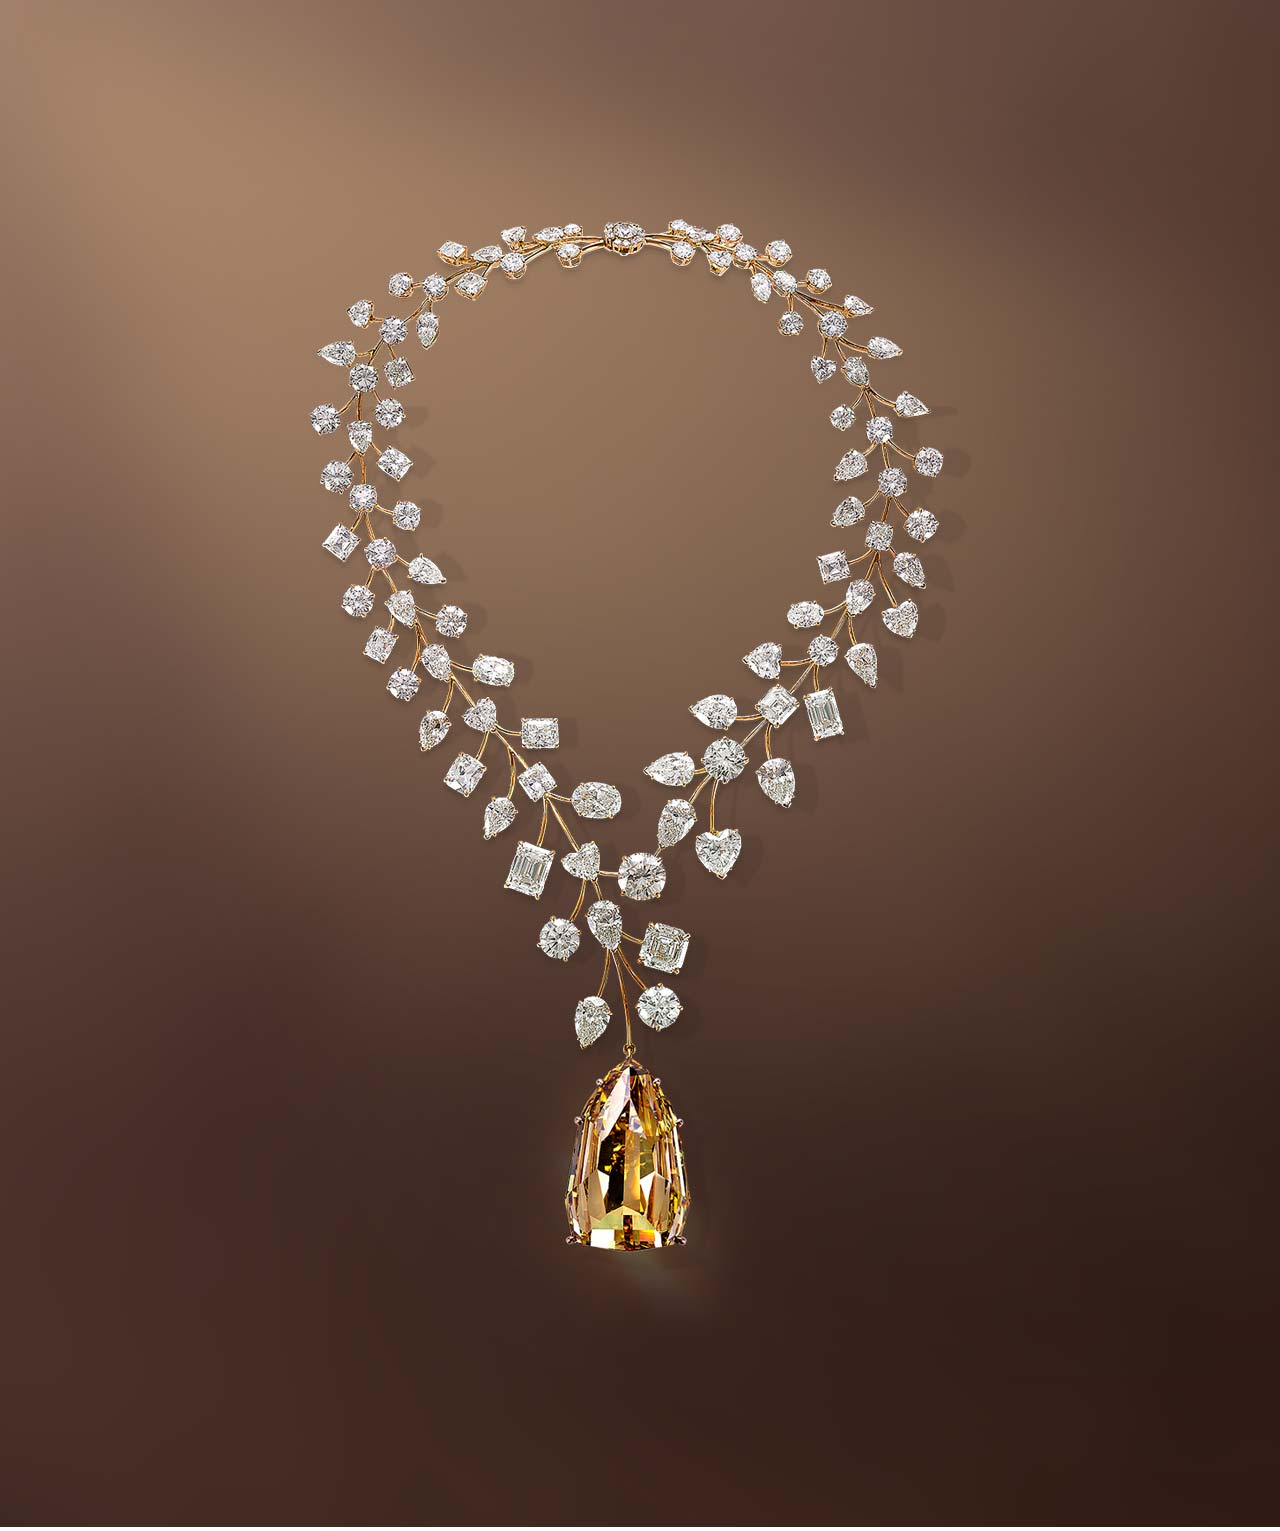 قلادة من الذهب الأصفر والألماس من مجوهرات معوض Mouawad